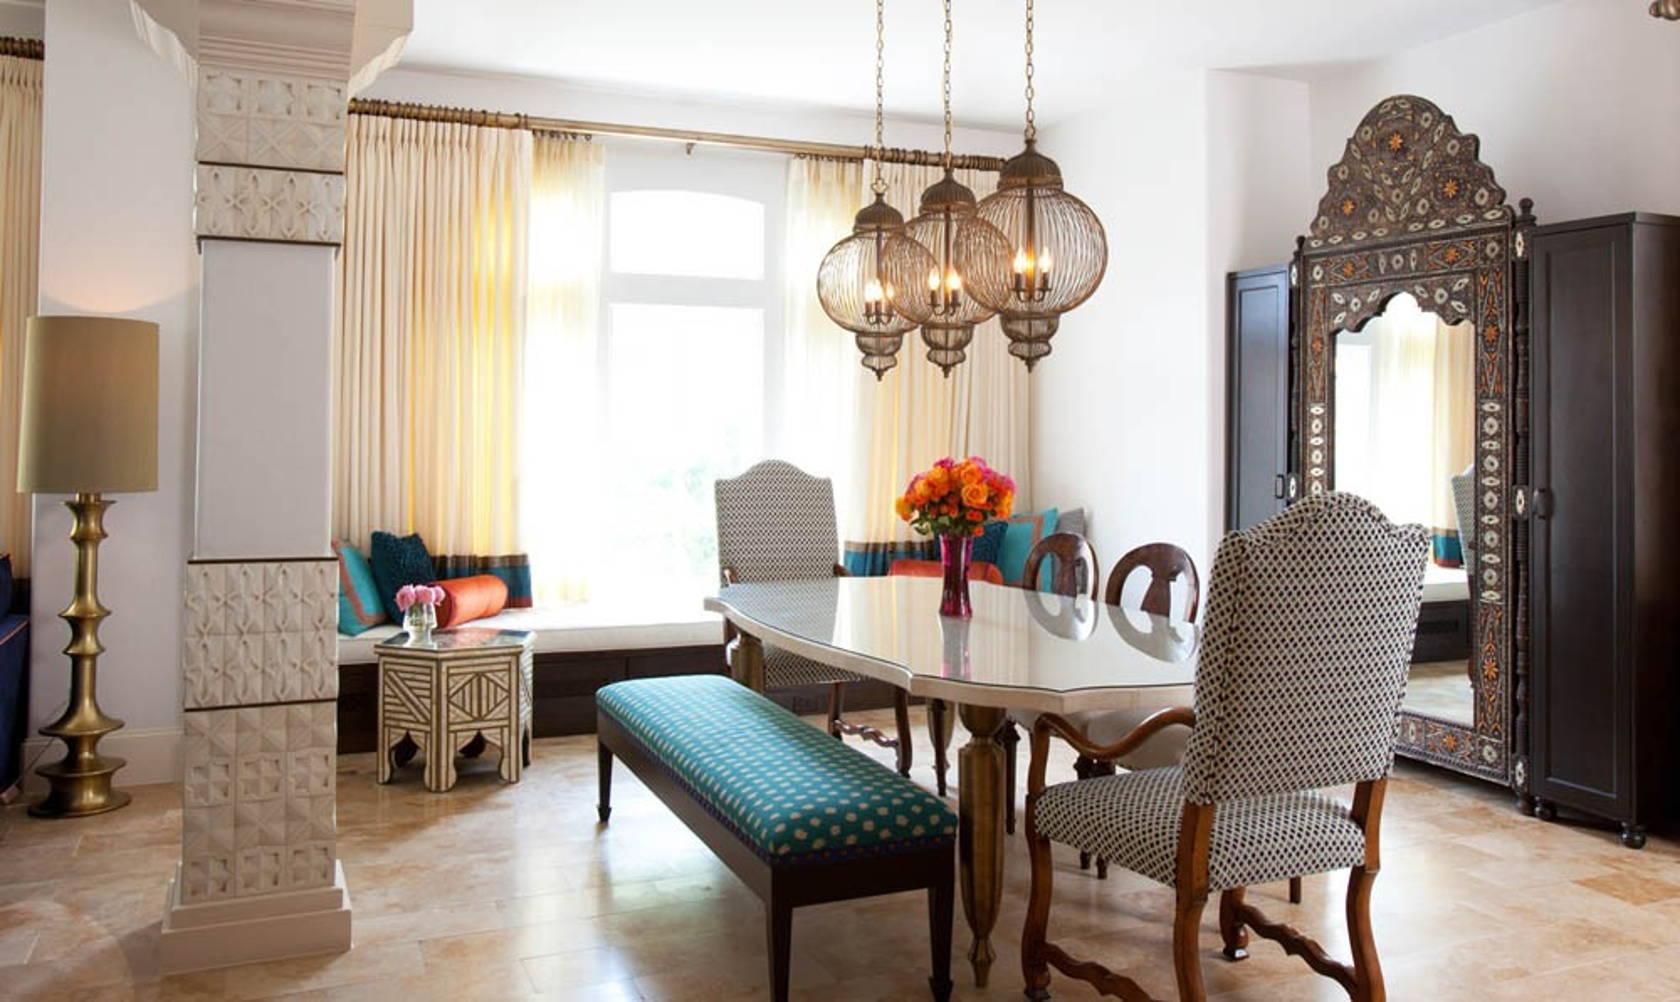 bright home interior